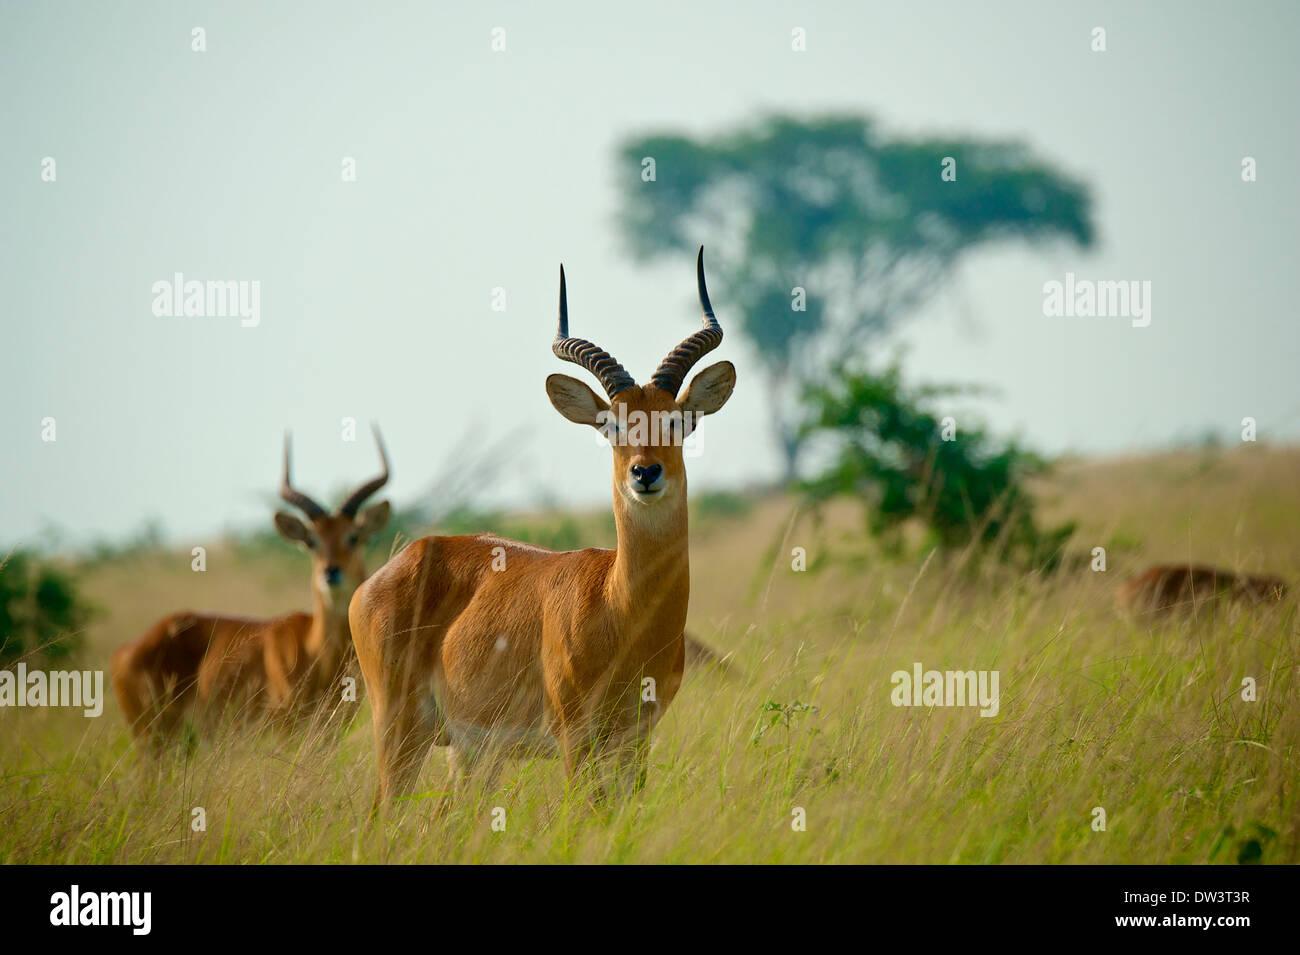 Homme vigilant kobs ougandais (Kobus kob thomasi) sur la savane. Un petit troupeau de kob. Photo Stock